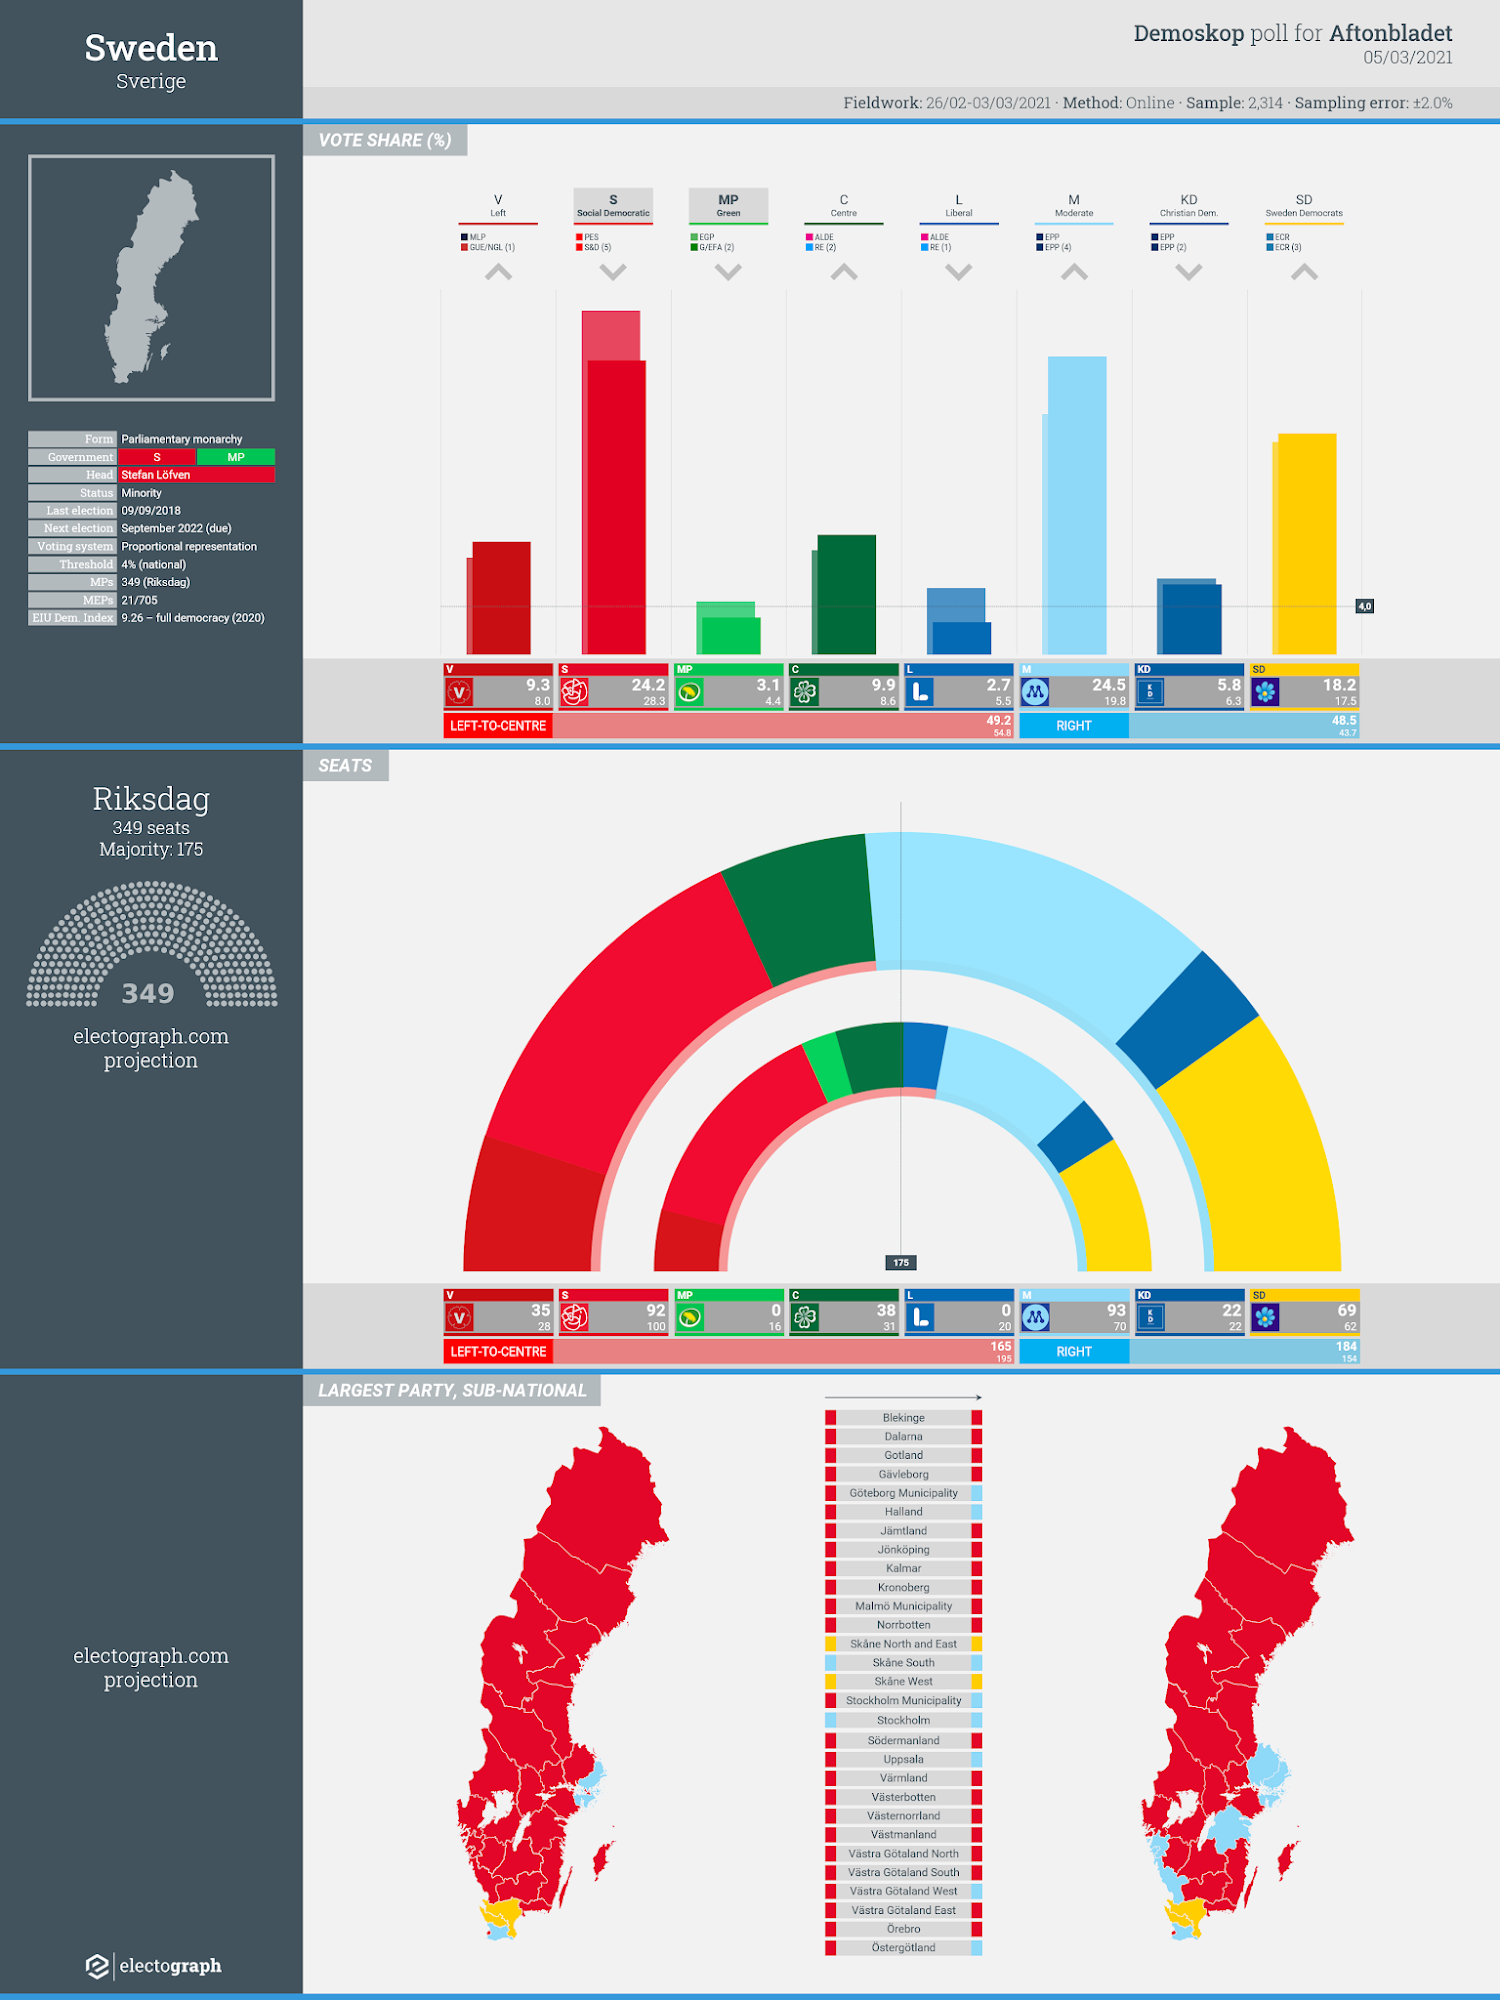 SWEDEN: Demoskop poll chart for Aftonbladet, 5 March 2021